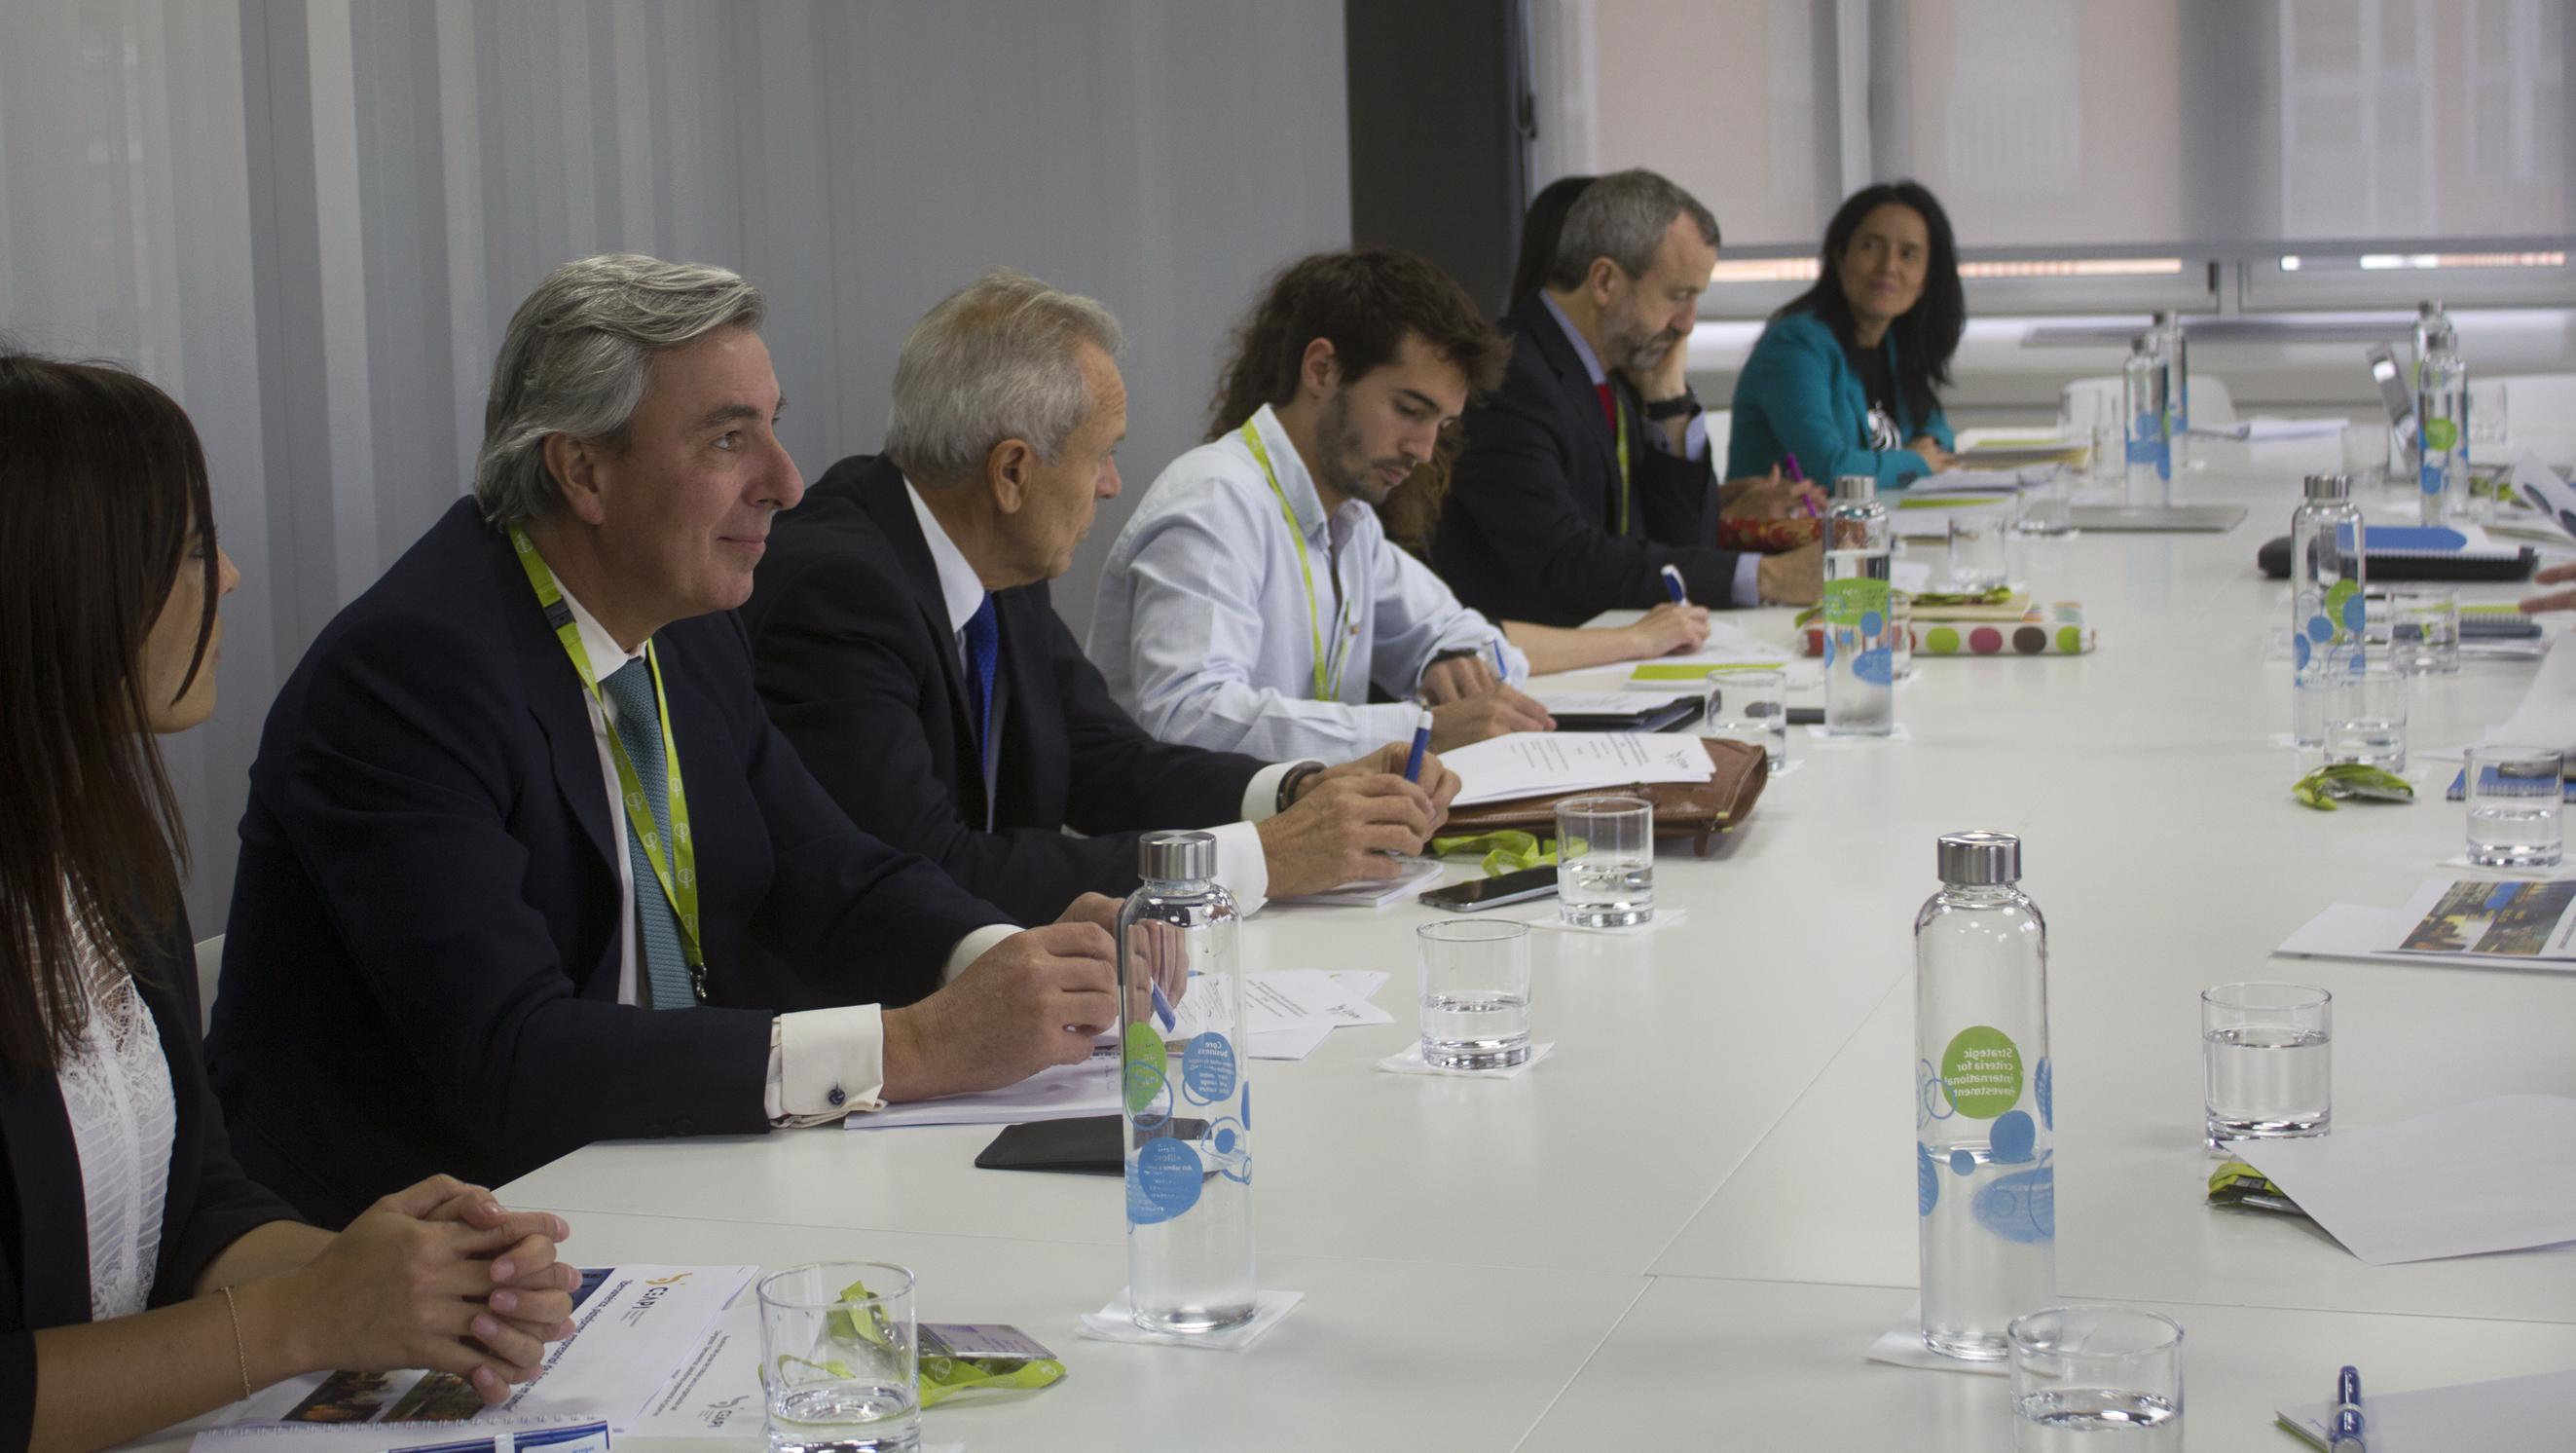 La Comisión de Comunicación se reúne en Enagás para preparar el Congreso Empresarial de CEAPI